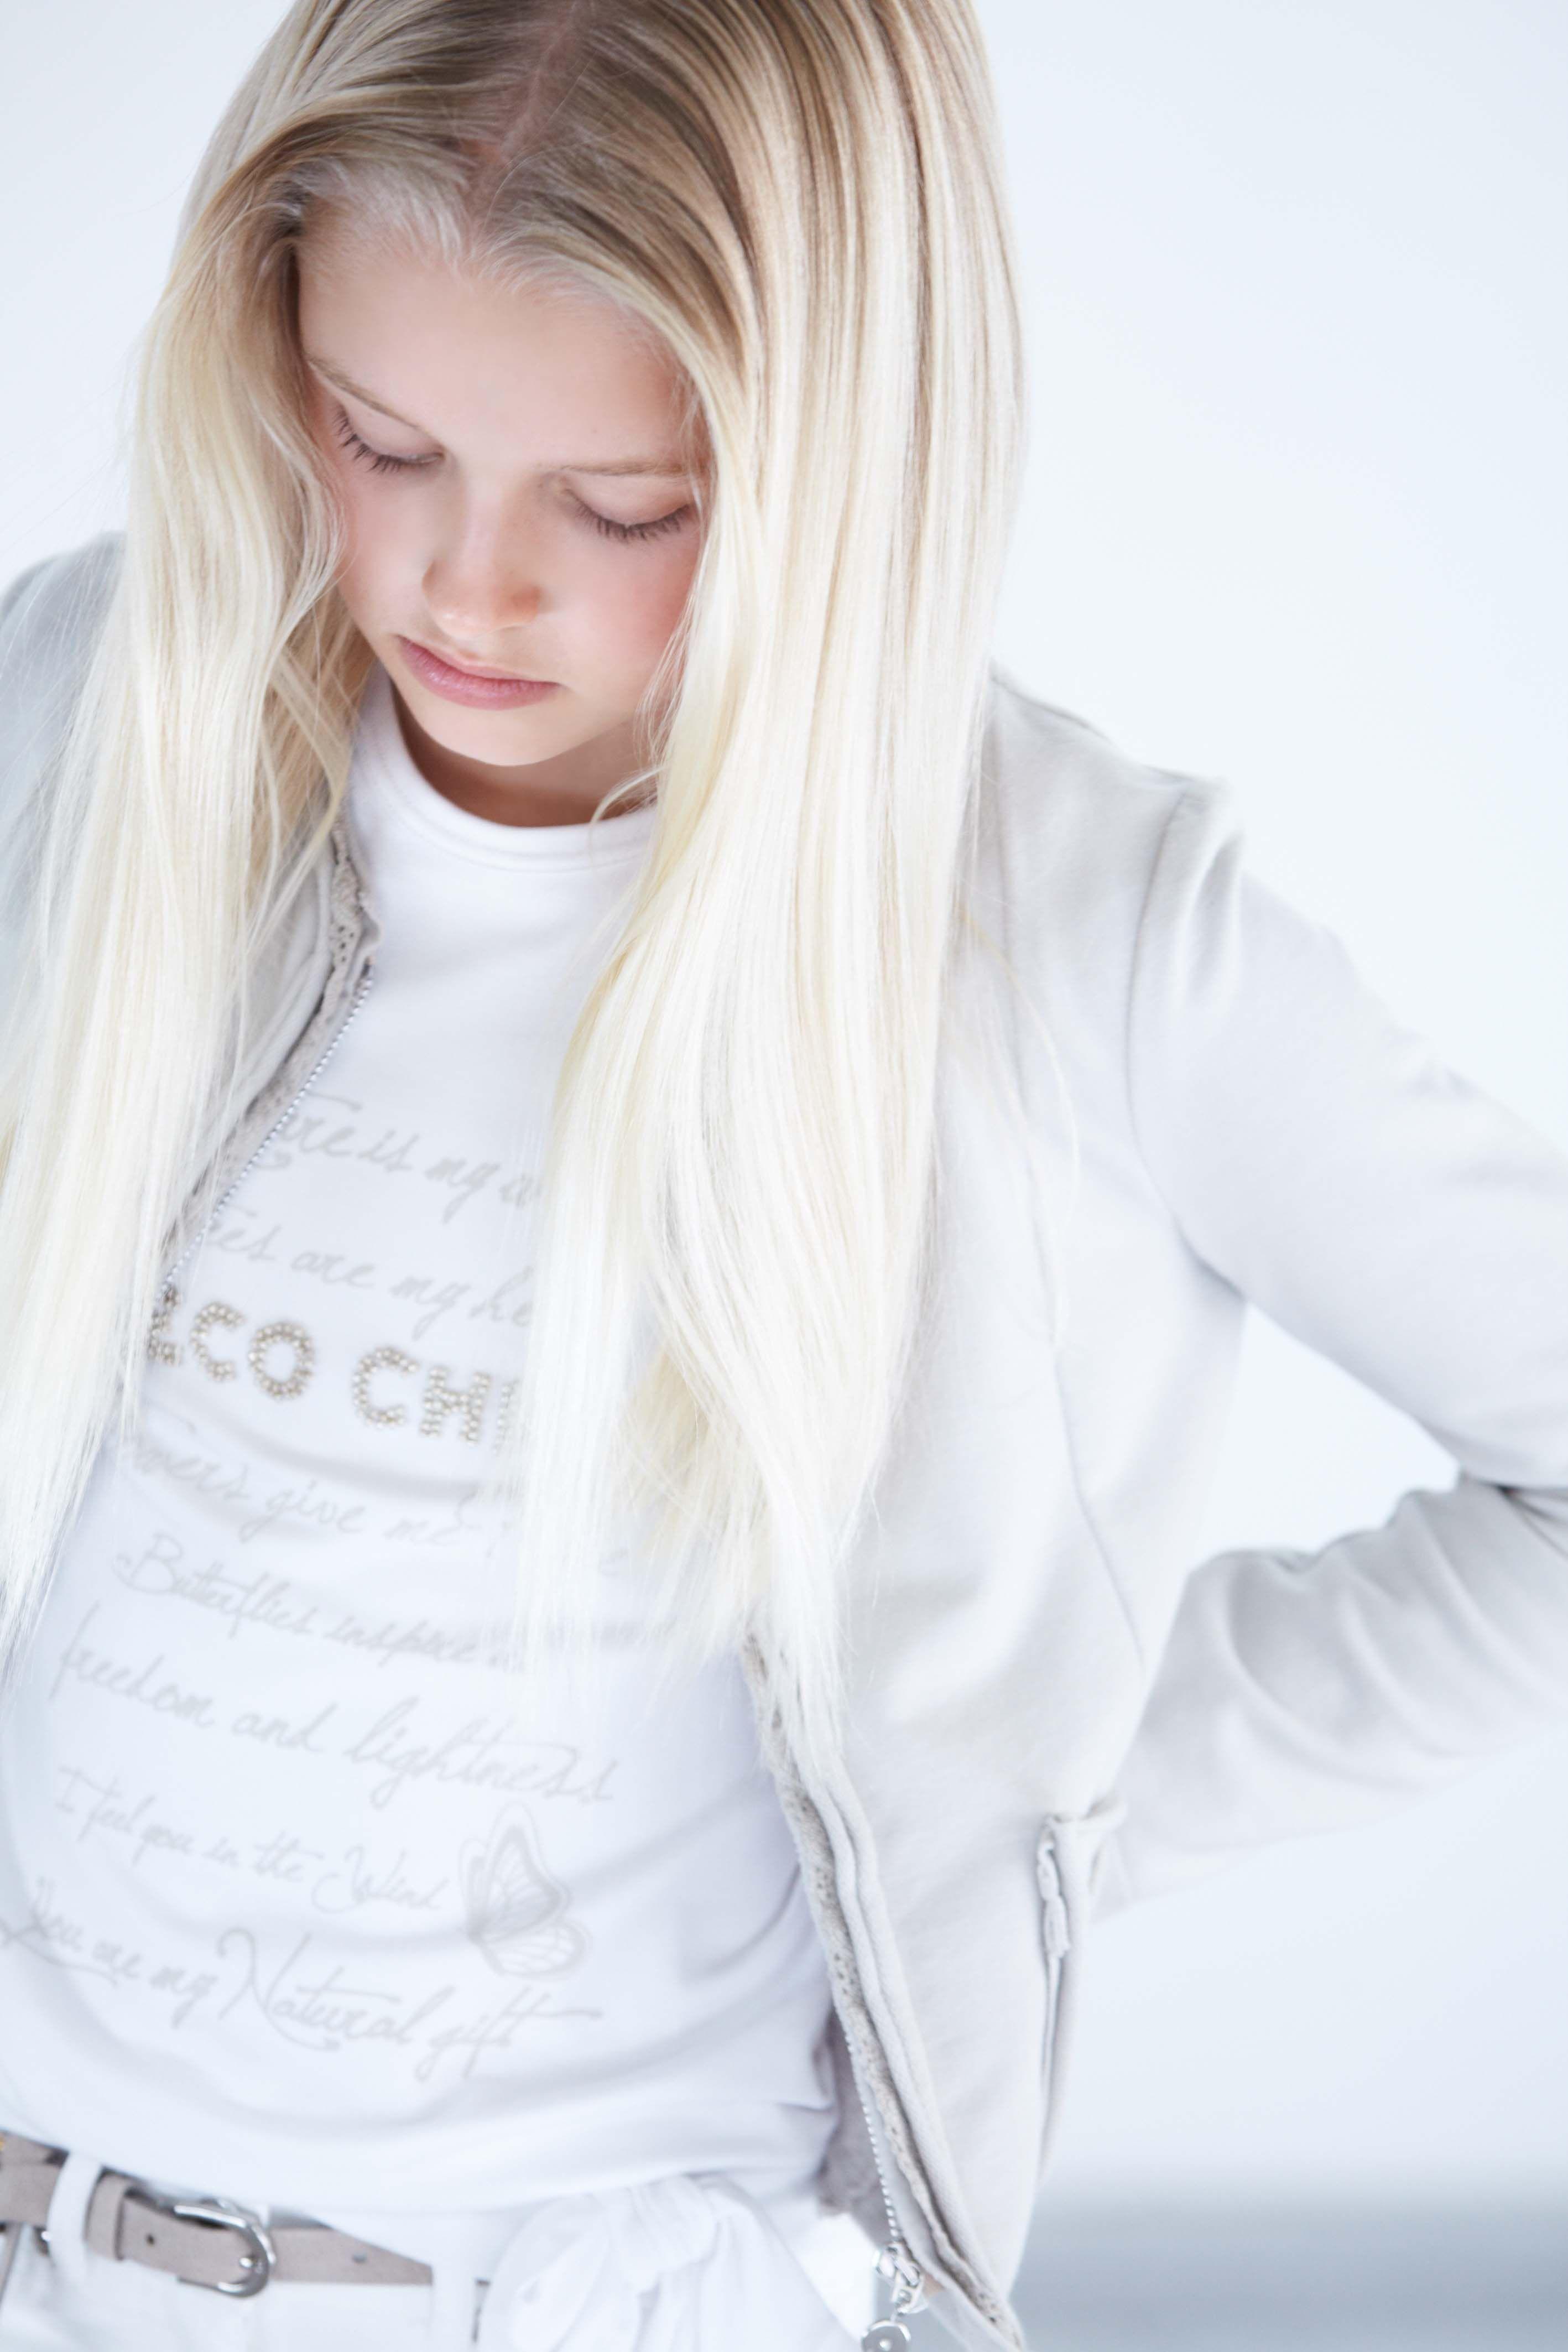 4990fdb7bc1f Elsy Junior Look alla moda e primaverili Abbigliamento bimba ...